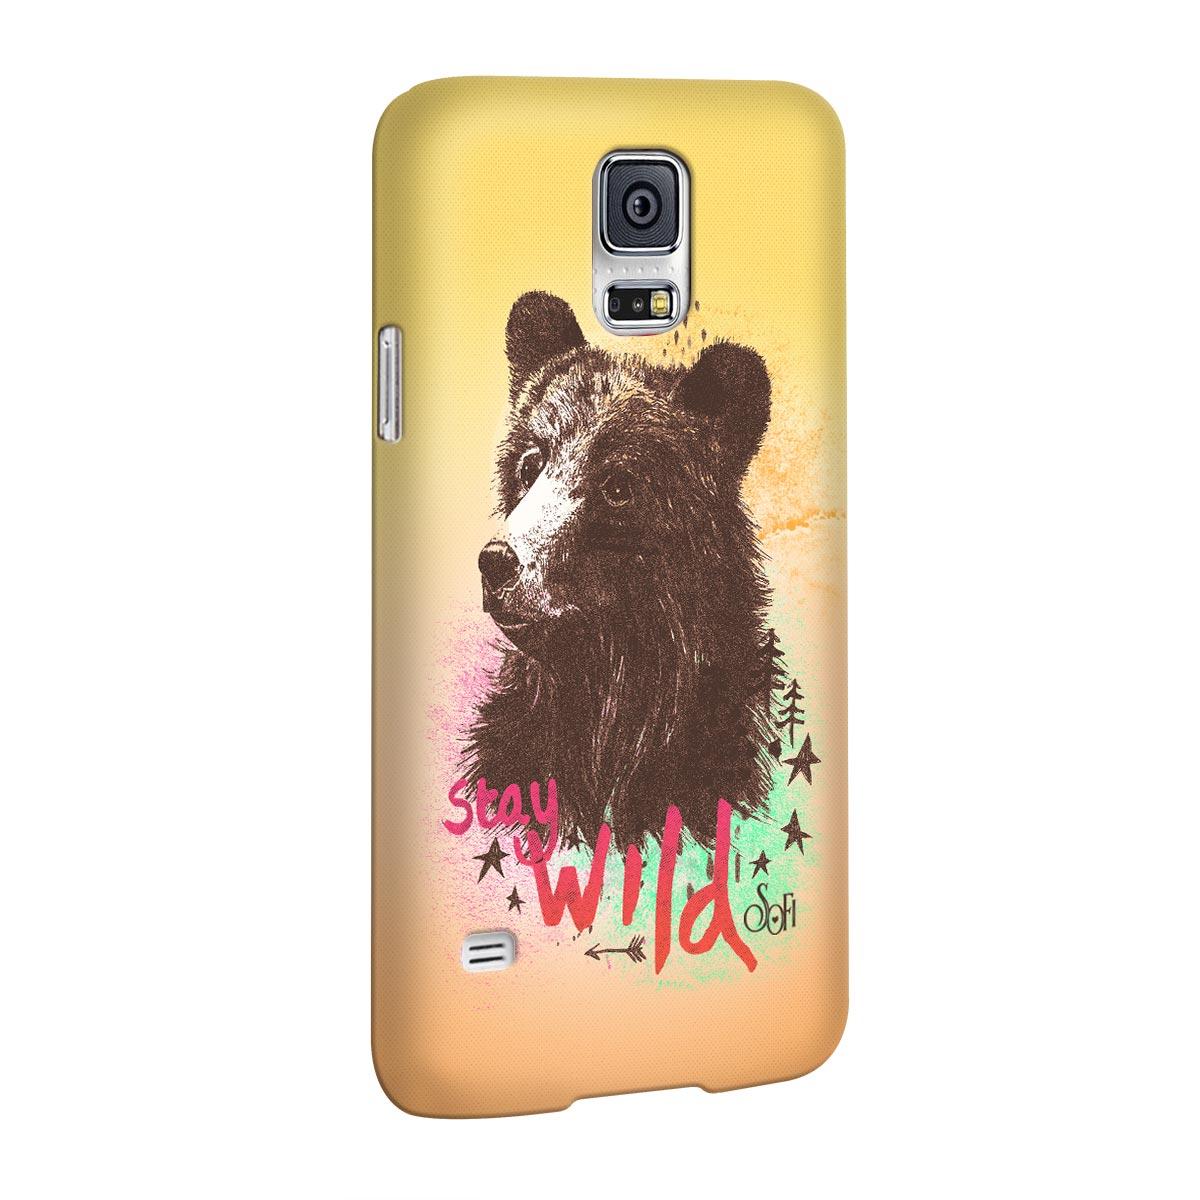 Capa para Samsung Galaxy S5 Sofia Oliveira Stay Wild